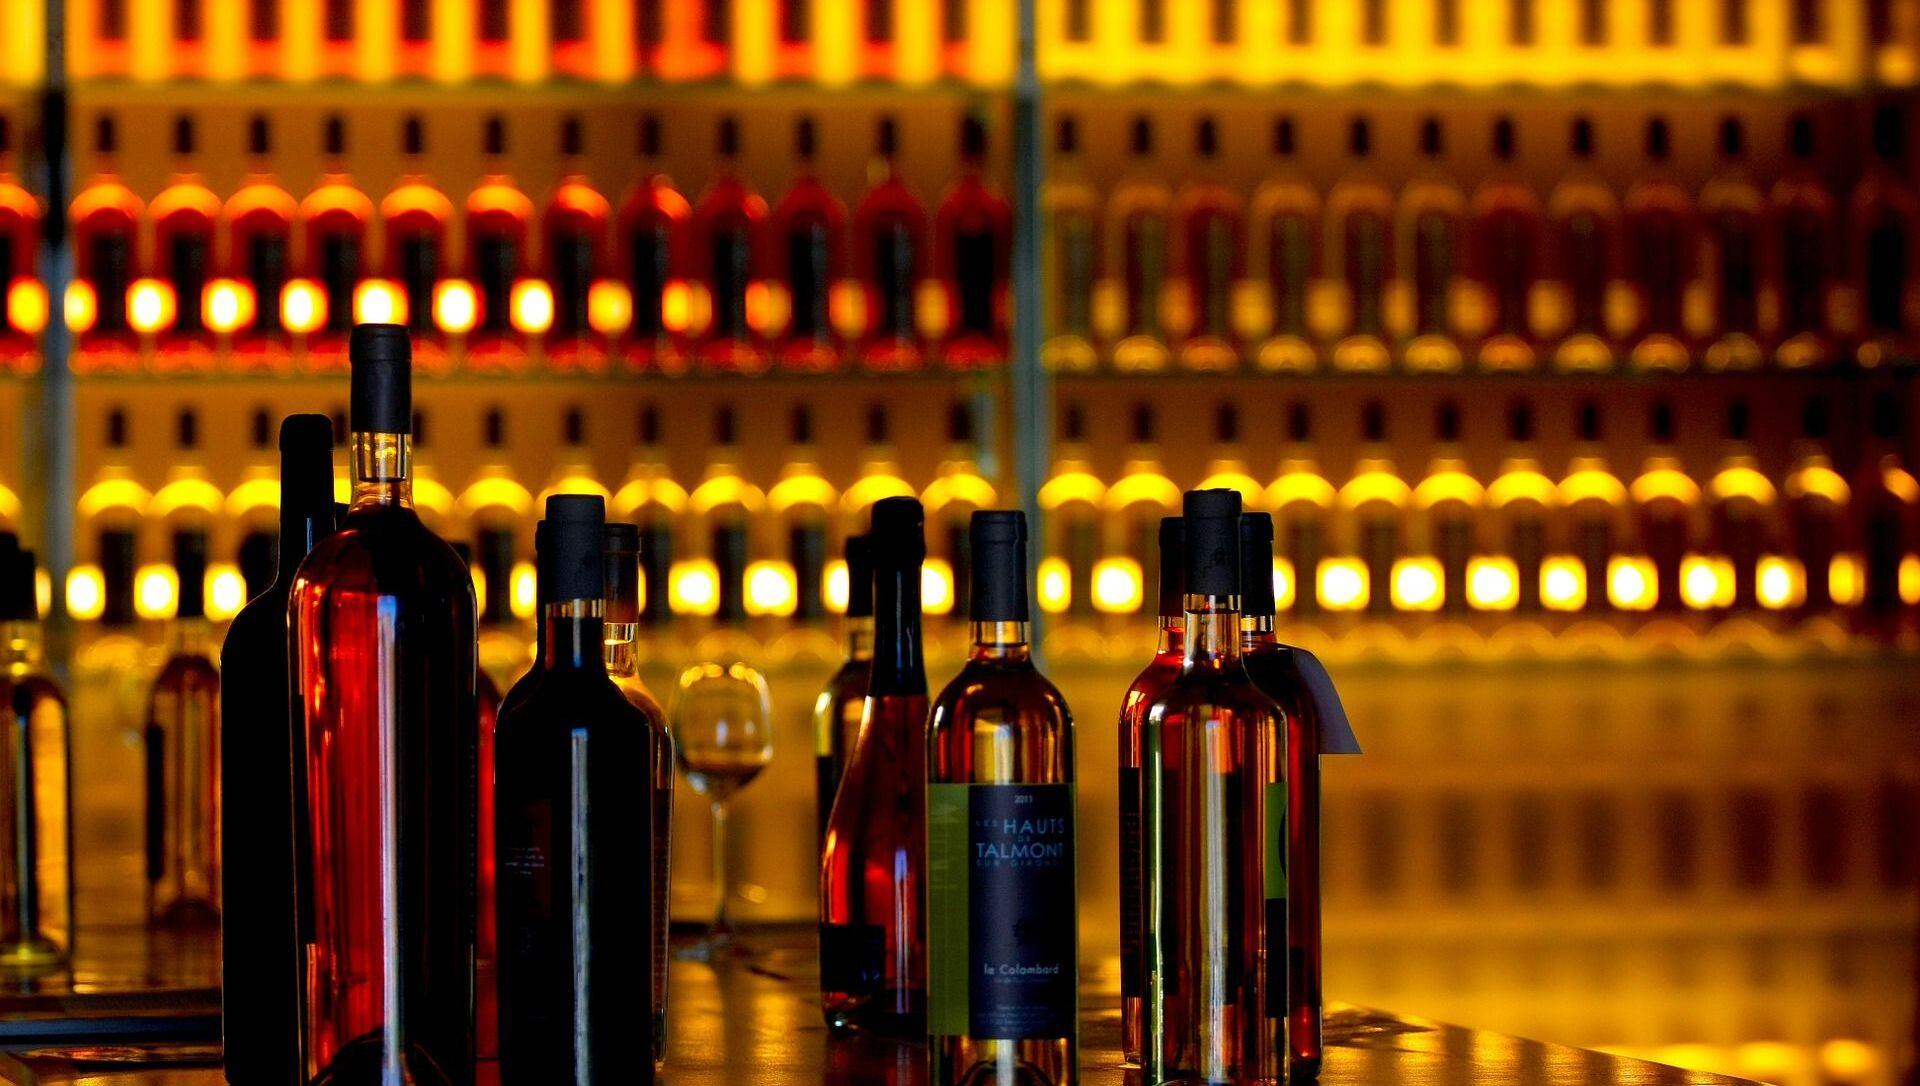 Des bouteilles de vin - Sputnik France, 1920, 08.04.2021